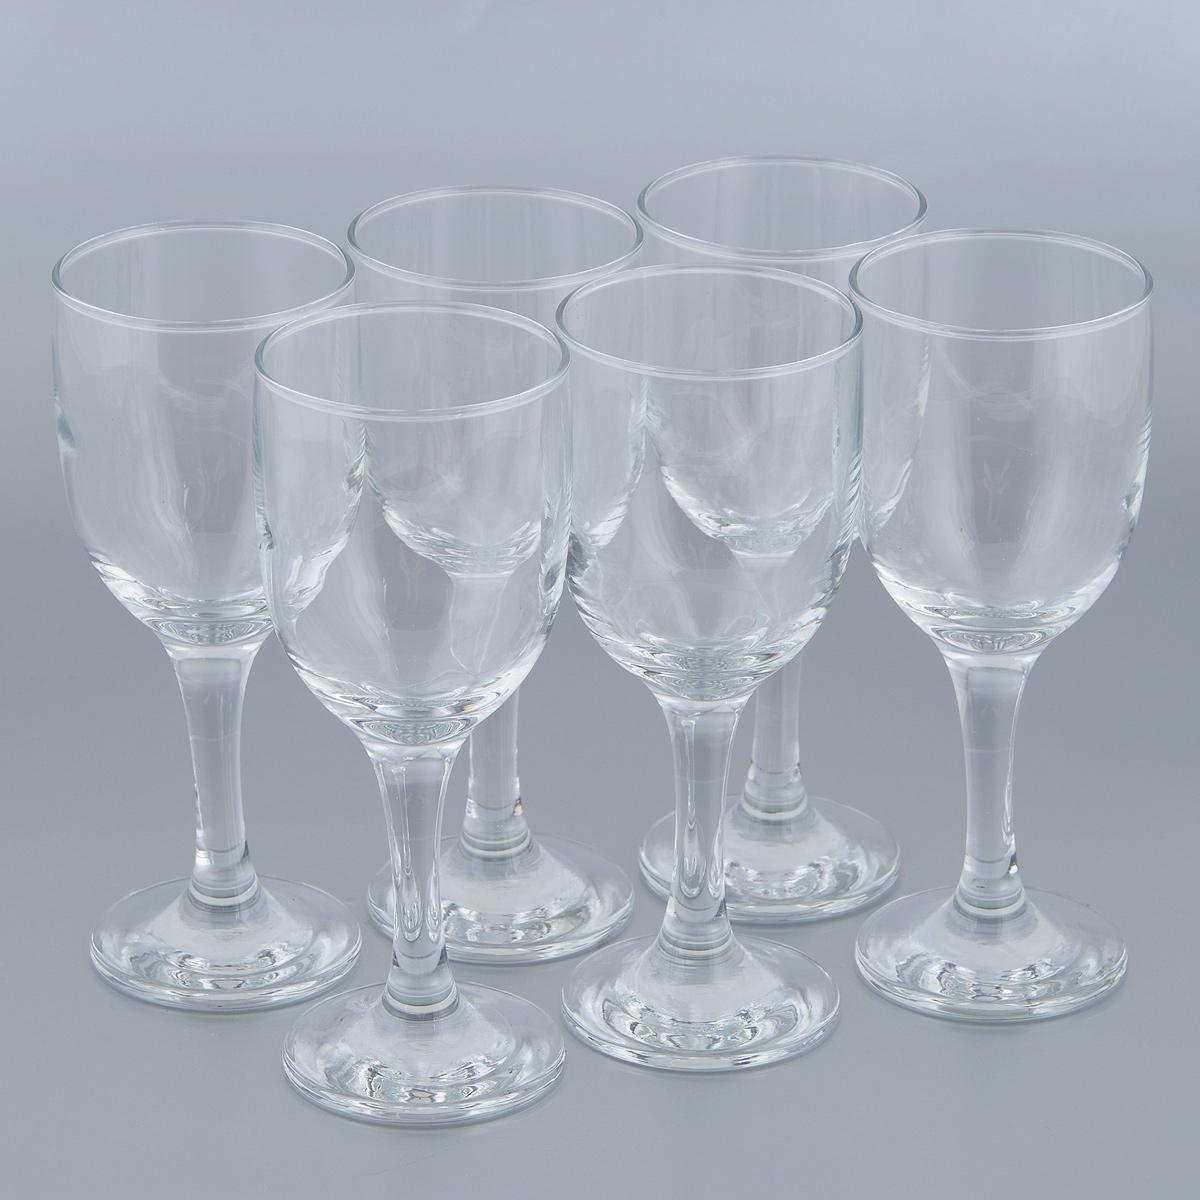 Набор бокалов для белого вина Pasabahce Royal, 243 мл, 6 шт636243Набор Pasabahce Royal состоит из шести бокалов, выполненных из прочного натрий-кальций-силикатного стекла. Бокалы предназначены для подачи белого вина. Они сочетают в себе элегантный дизайн и функциональность. Благодаря такому набору пить напитки будет еще вкуснее. Набор бокалов Pasabahce Royal прекрасно оформит праздничный стол и создаст приятную атмосферу за романтическим ужином. Такой набор также станет хорошим подарком к любому случаю. Можно мыть в посудомоечной машине и использовать в микроволновой печи. Диаметр бокала (по верхнему краю): 6,5 см. Высота бокала: 17,5 см.